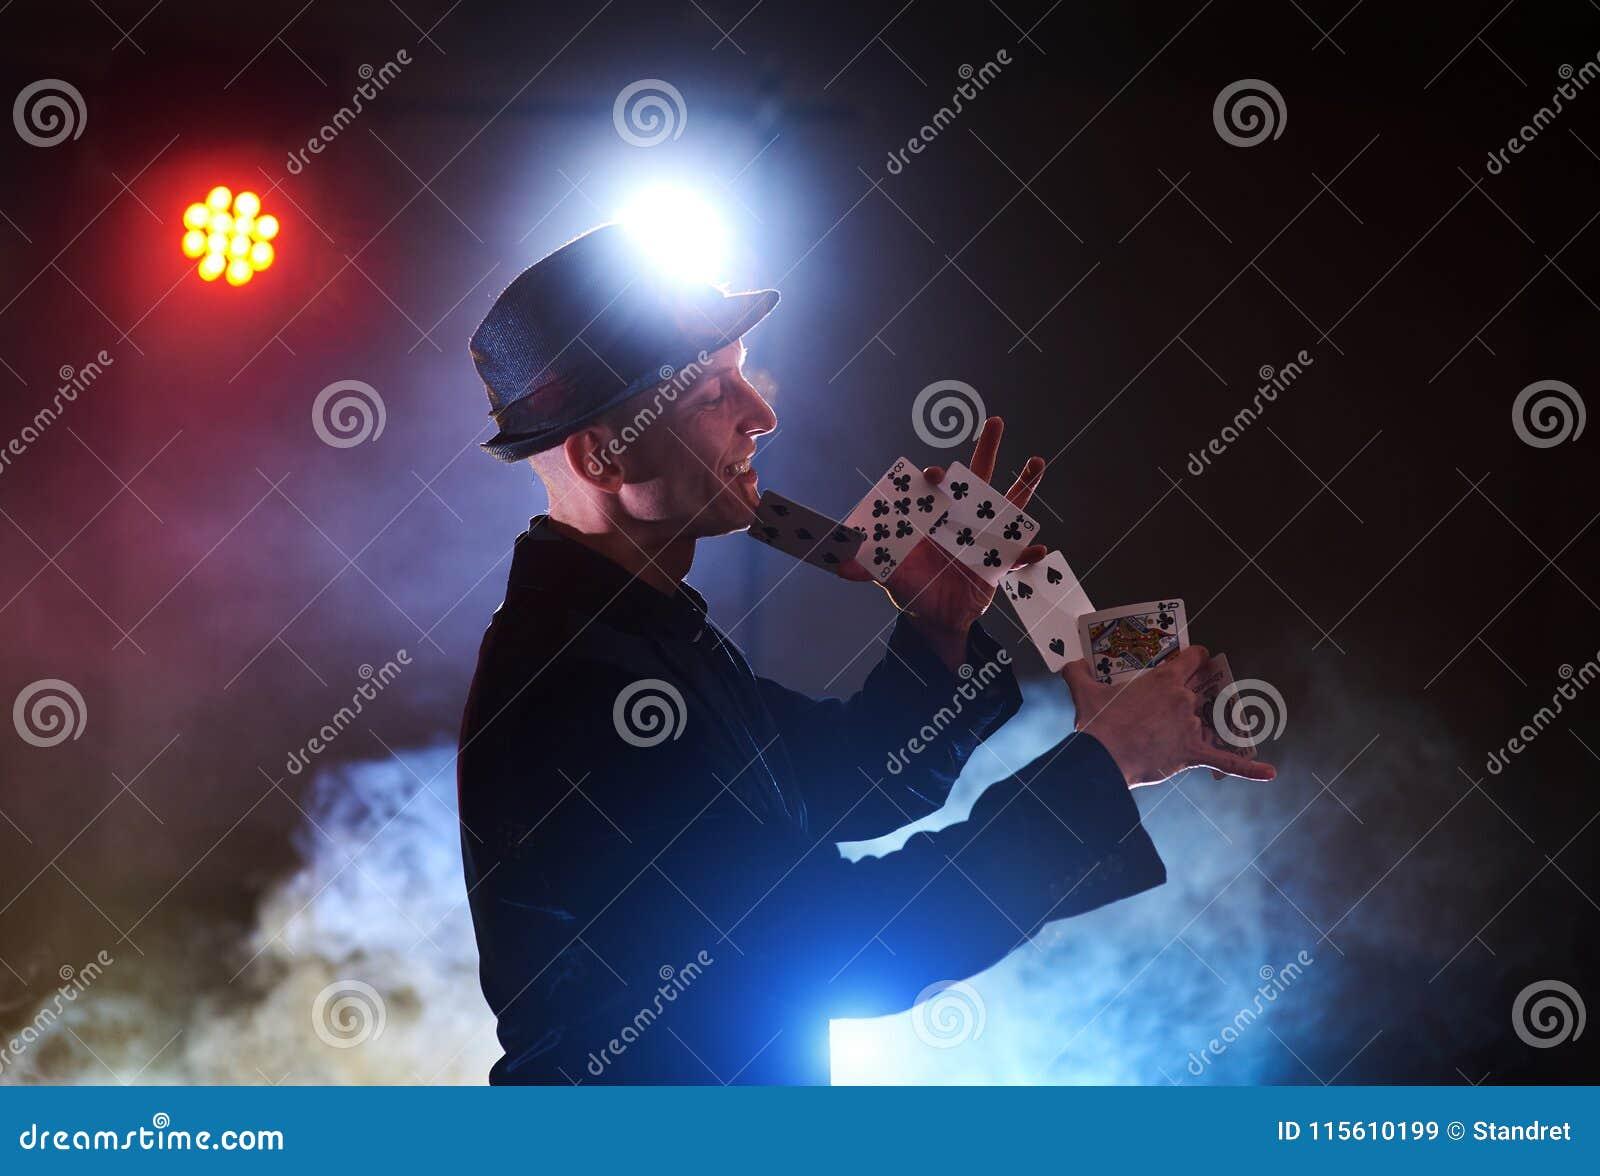 Trollkarlvisningtrick med att spela kort Magi eller skicklighet, cirkus som spelar Taskspelare i mörkt rum med dimma